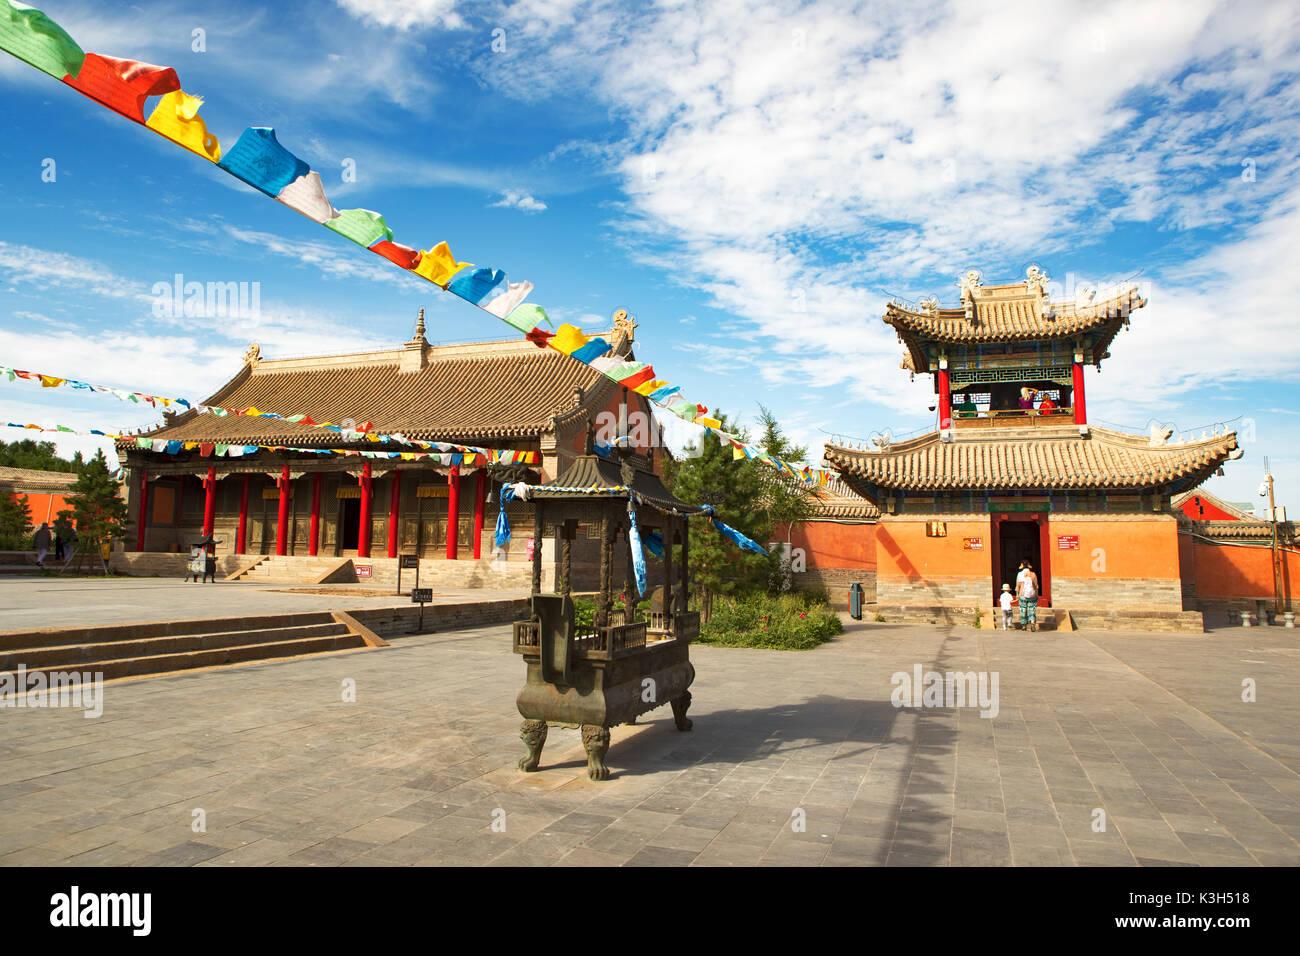 Xilinhot, Mongolie intérieure, Chine - 23 juillet, 2017: beizi temple est l'une des plus grandes lamaseries en Mongolie intérieure. Photo Stock